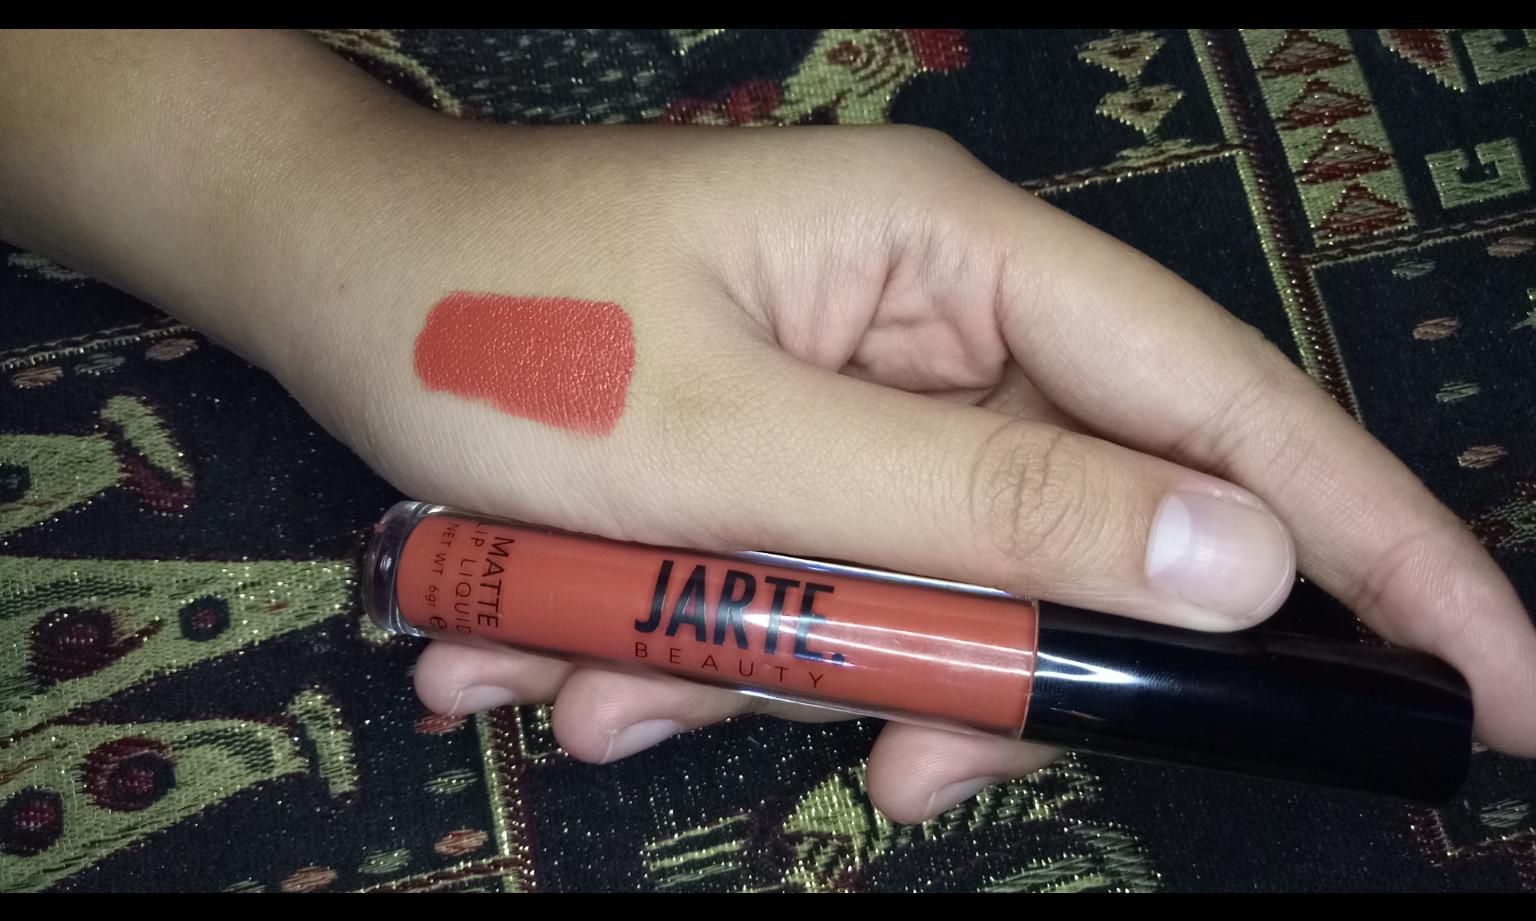 Jarte Beauty Lipmatte